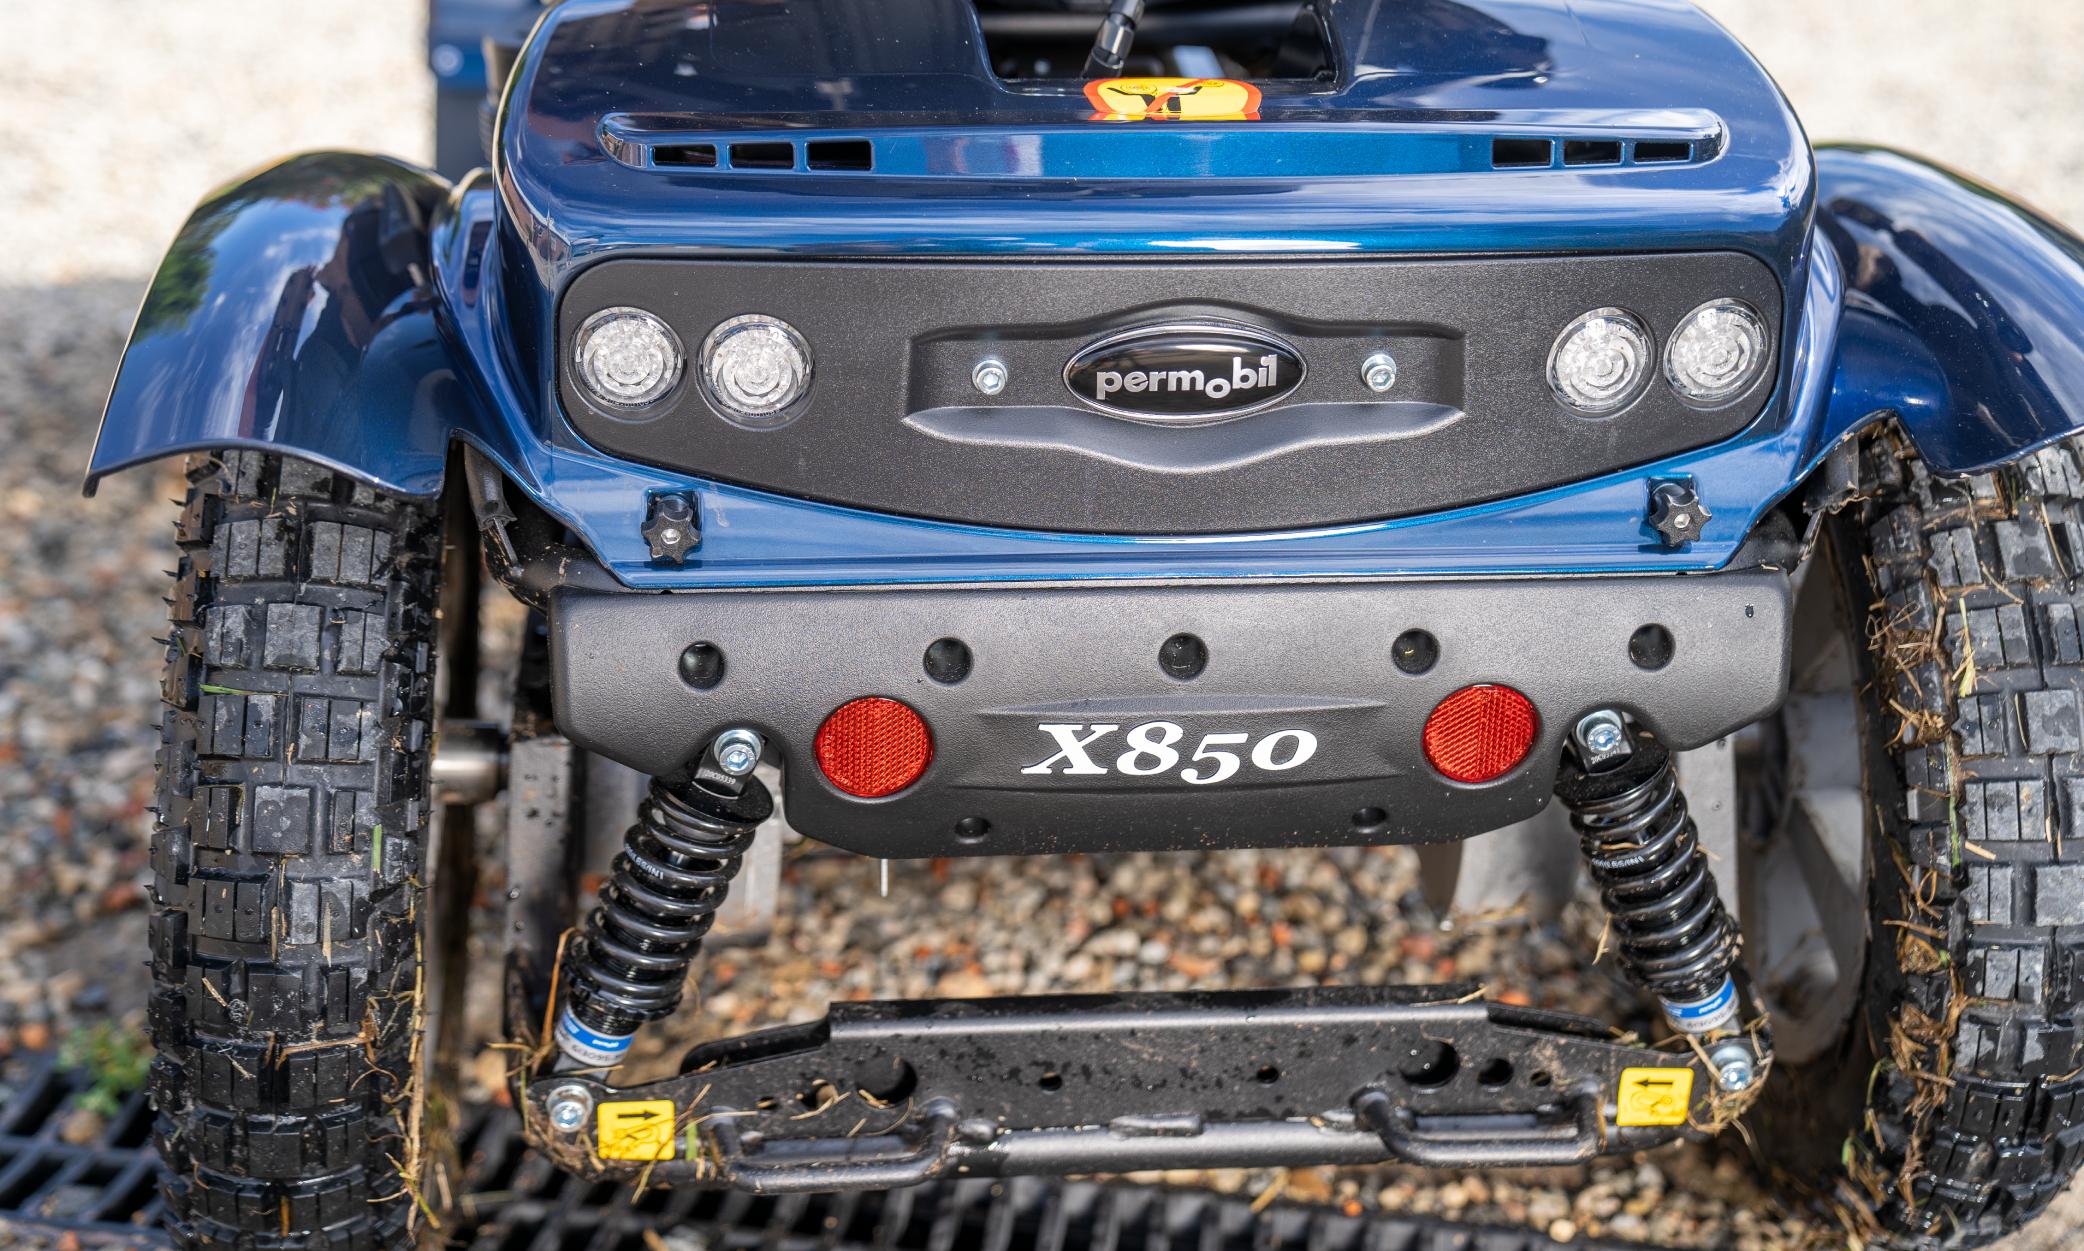 Permobil X850 Suspension